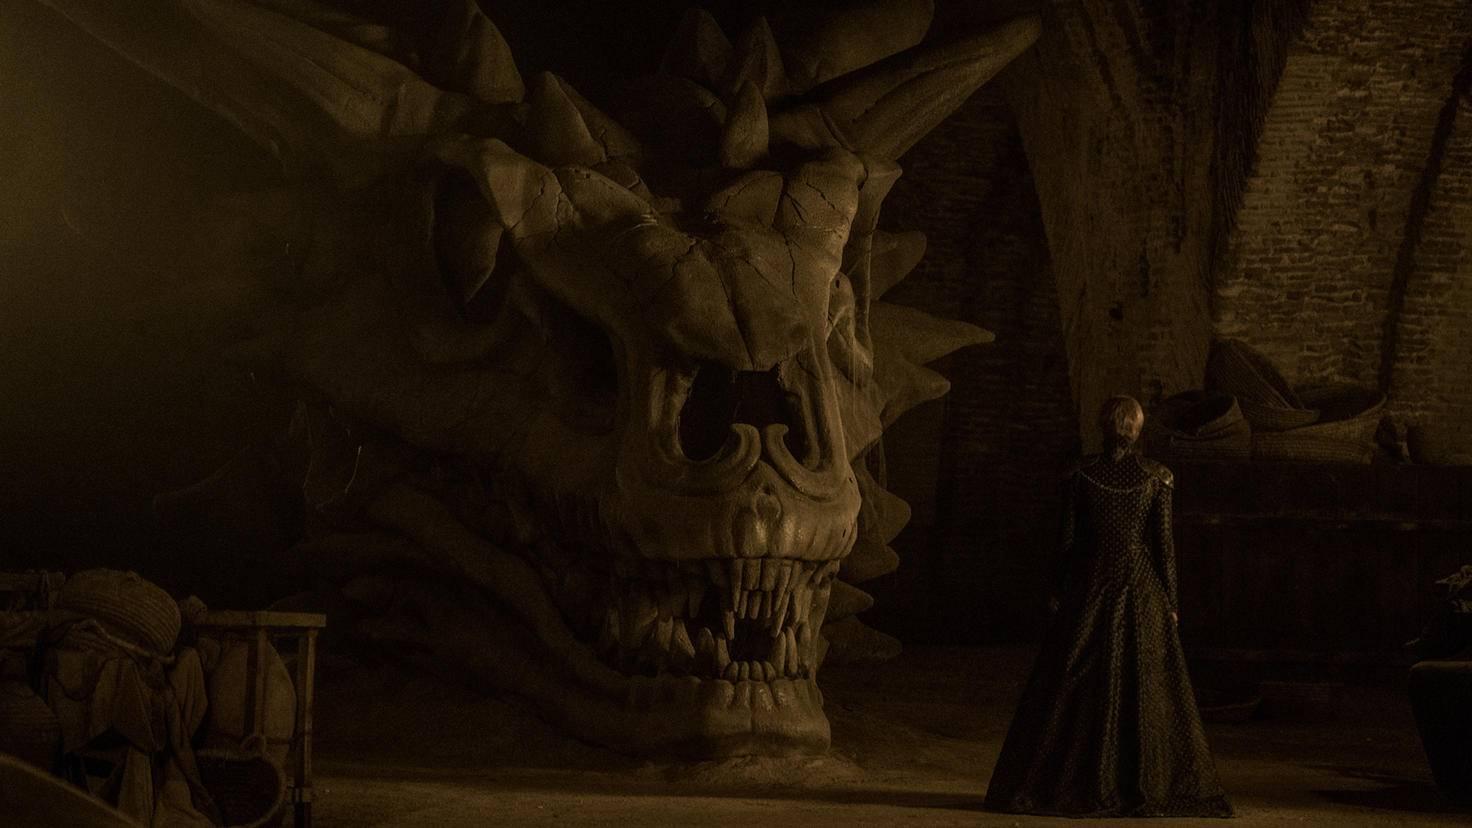 Balerions Kopf wird in den Katakomben von Königsmund aufbewahrt.